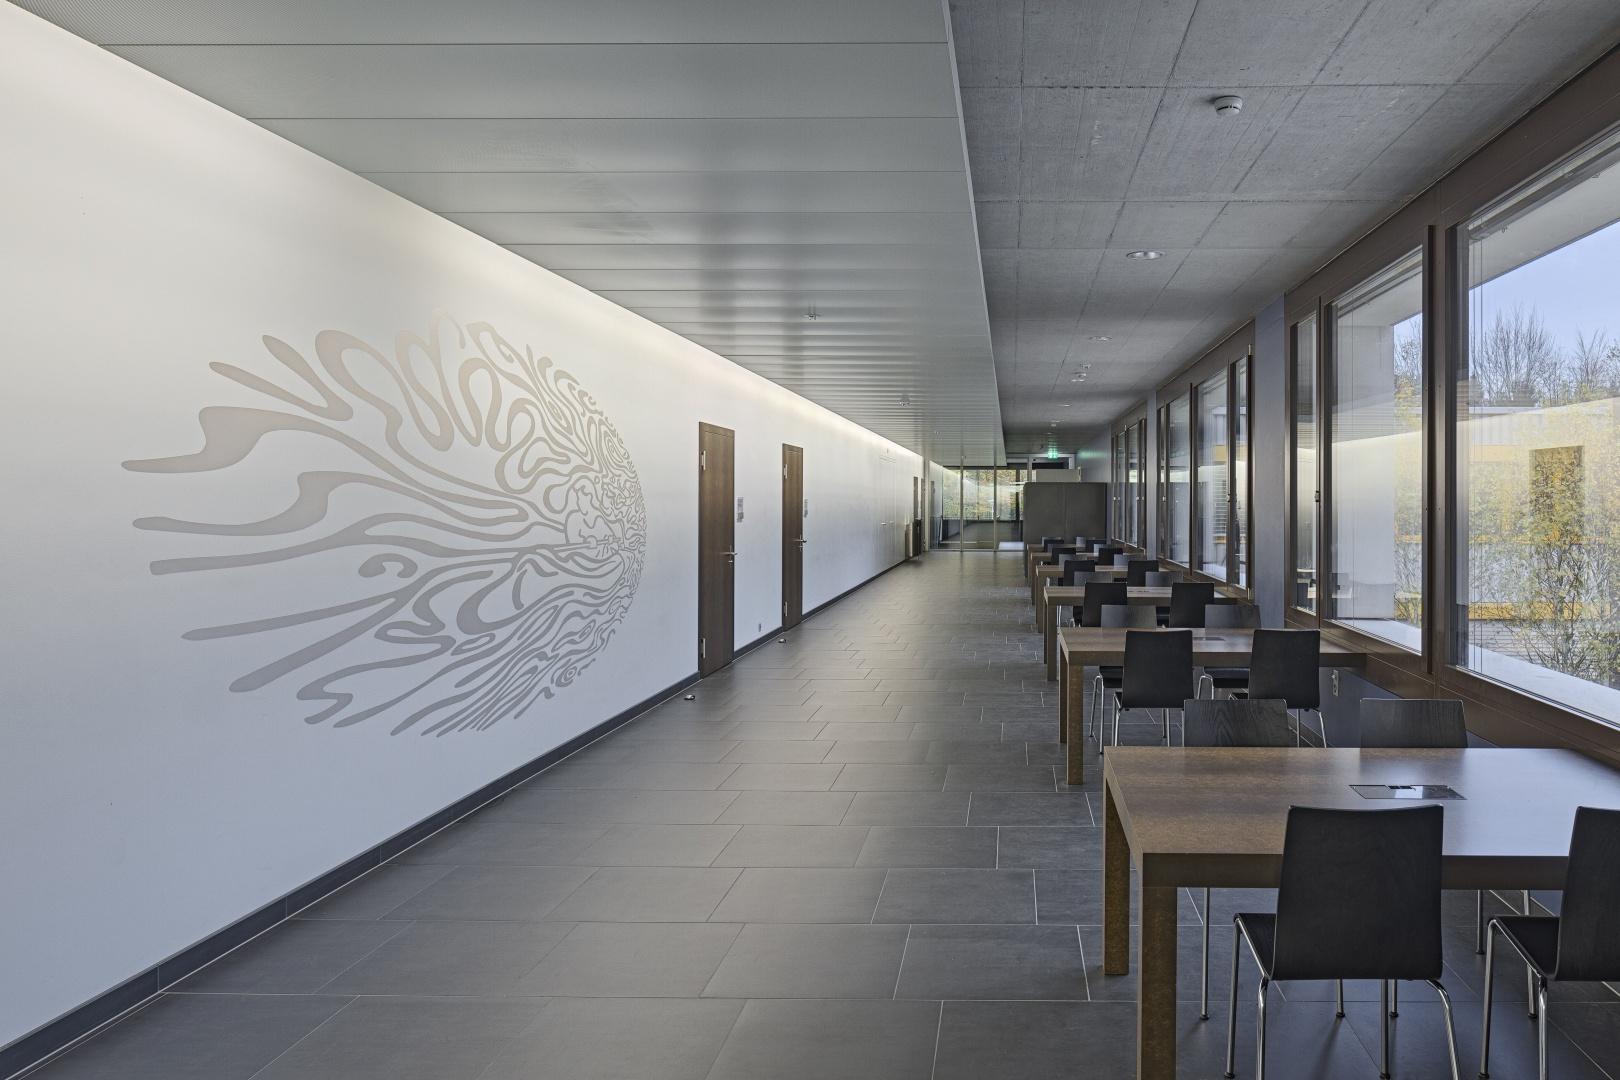 Korridor mit Schülerarbeitsplätzen © Stefano Schröter, 6003 Luzern